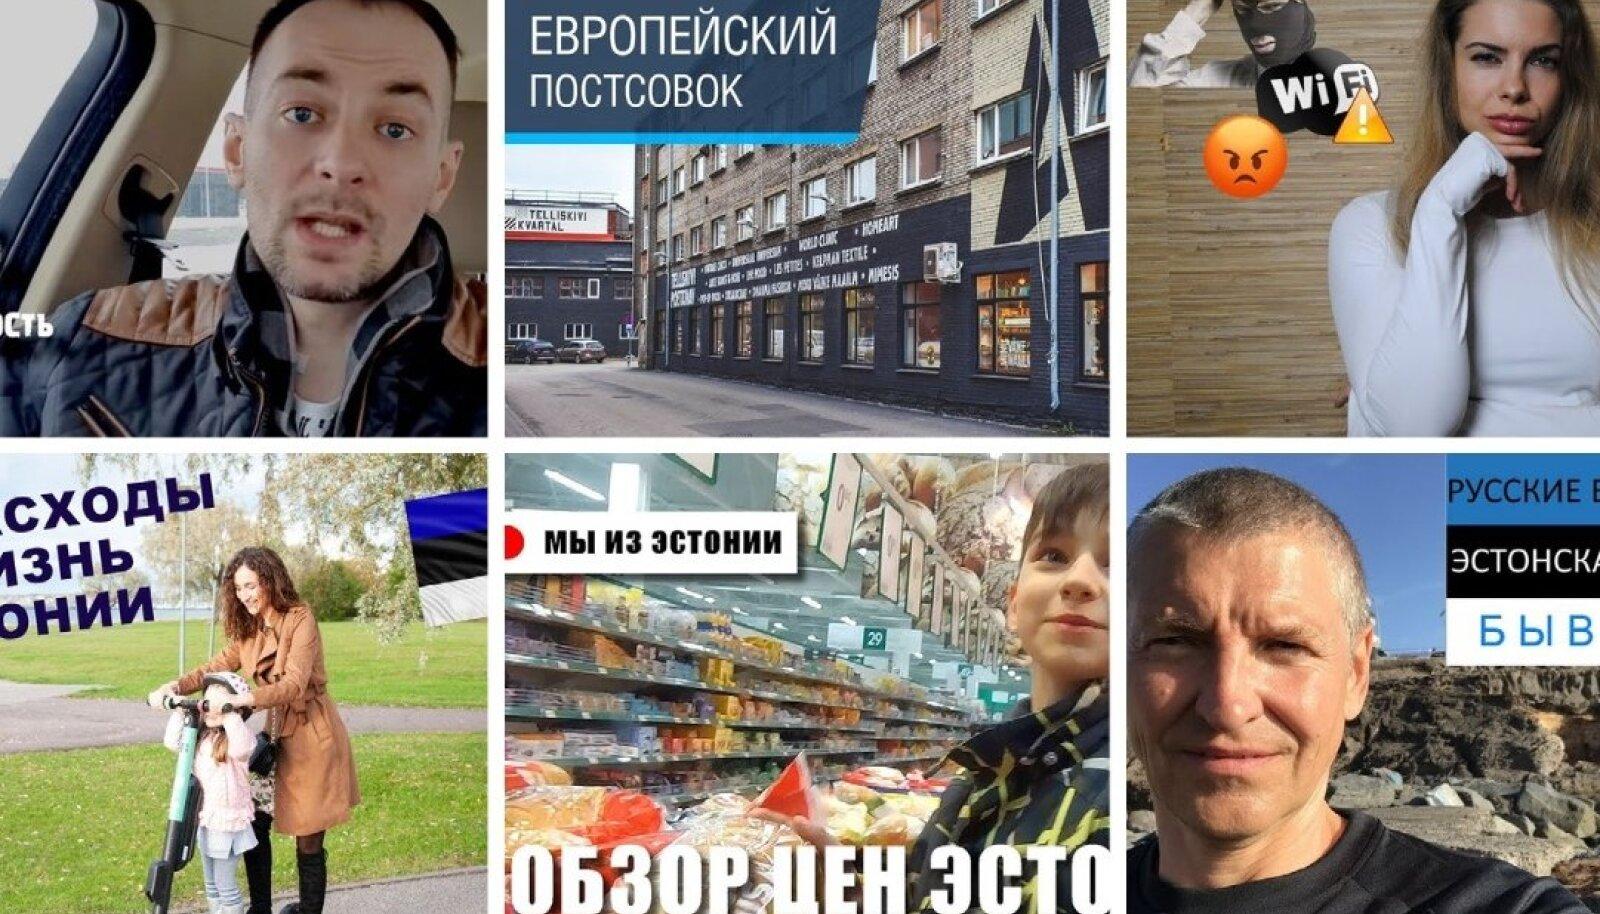 Kuidas Eestisse kolida? Kas Eestis on hõlbus tööd leida ja palju võib teenida? Kui palju asjad Eestis poes maksavad? Neile küsimustele otsivad vastuseid paljud juutuuberid.